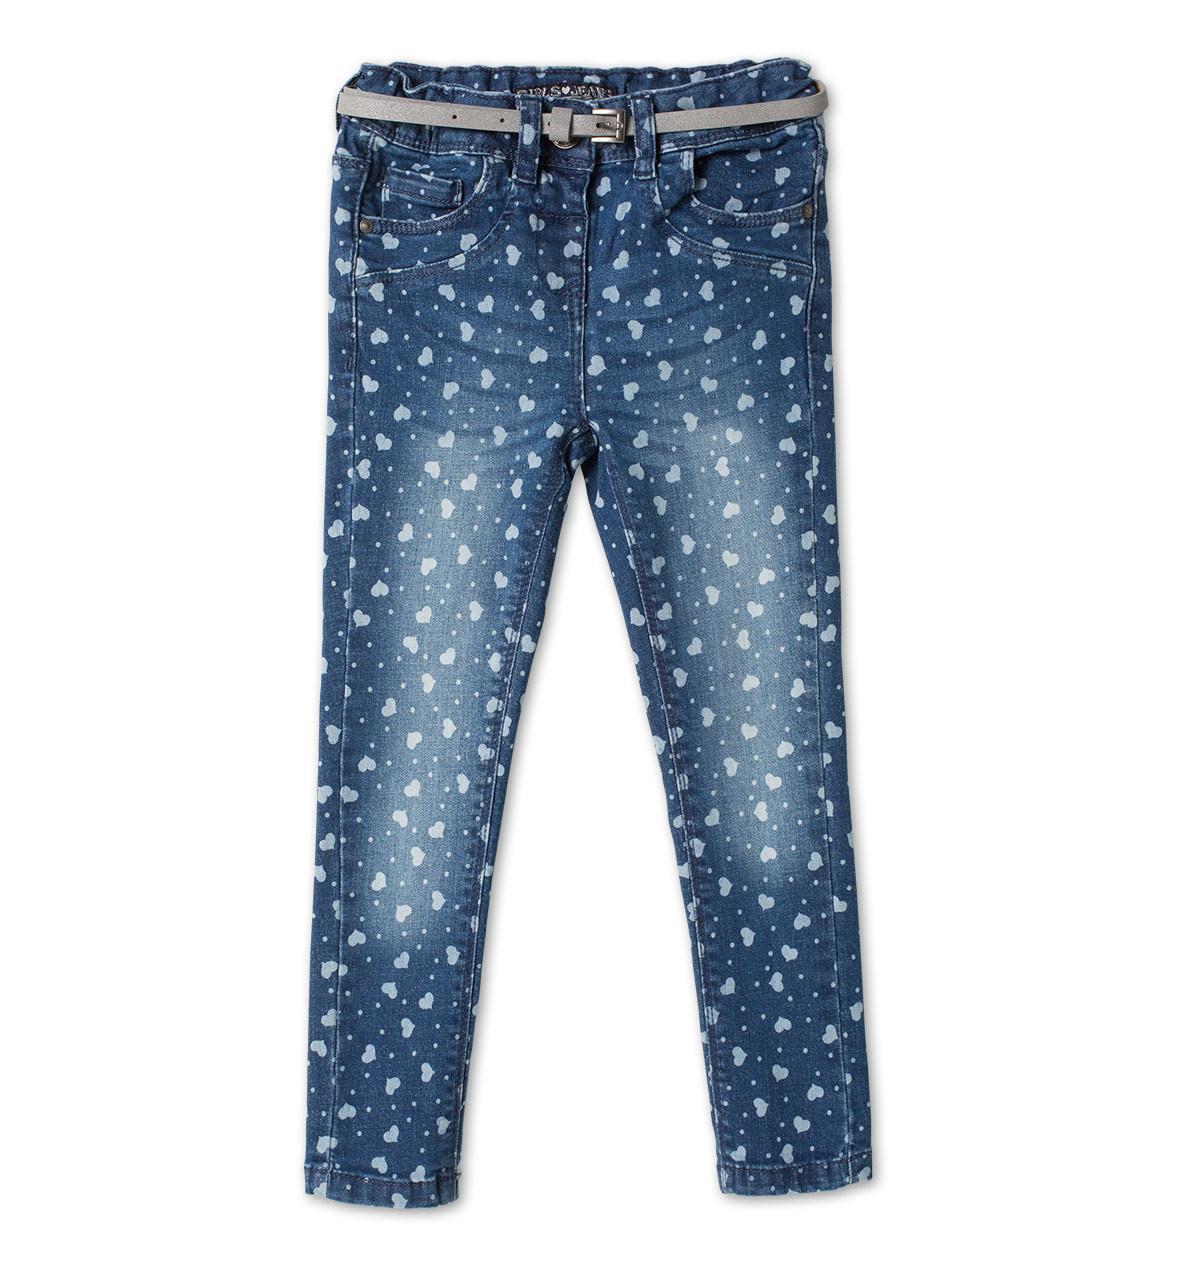 Детские джинсы skinny на девочку в сердечки C&A Германия Размер 116